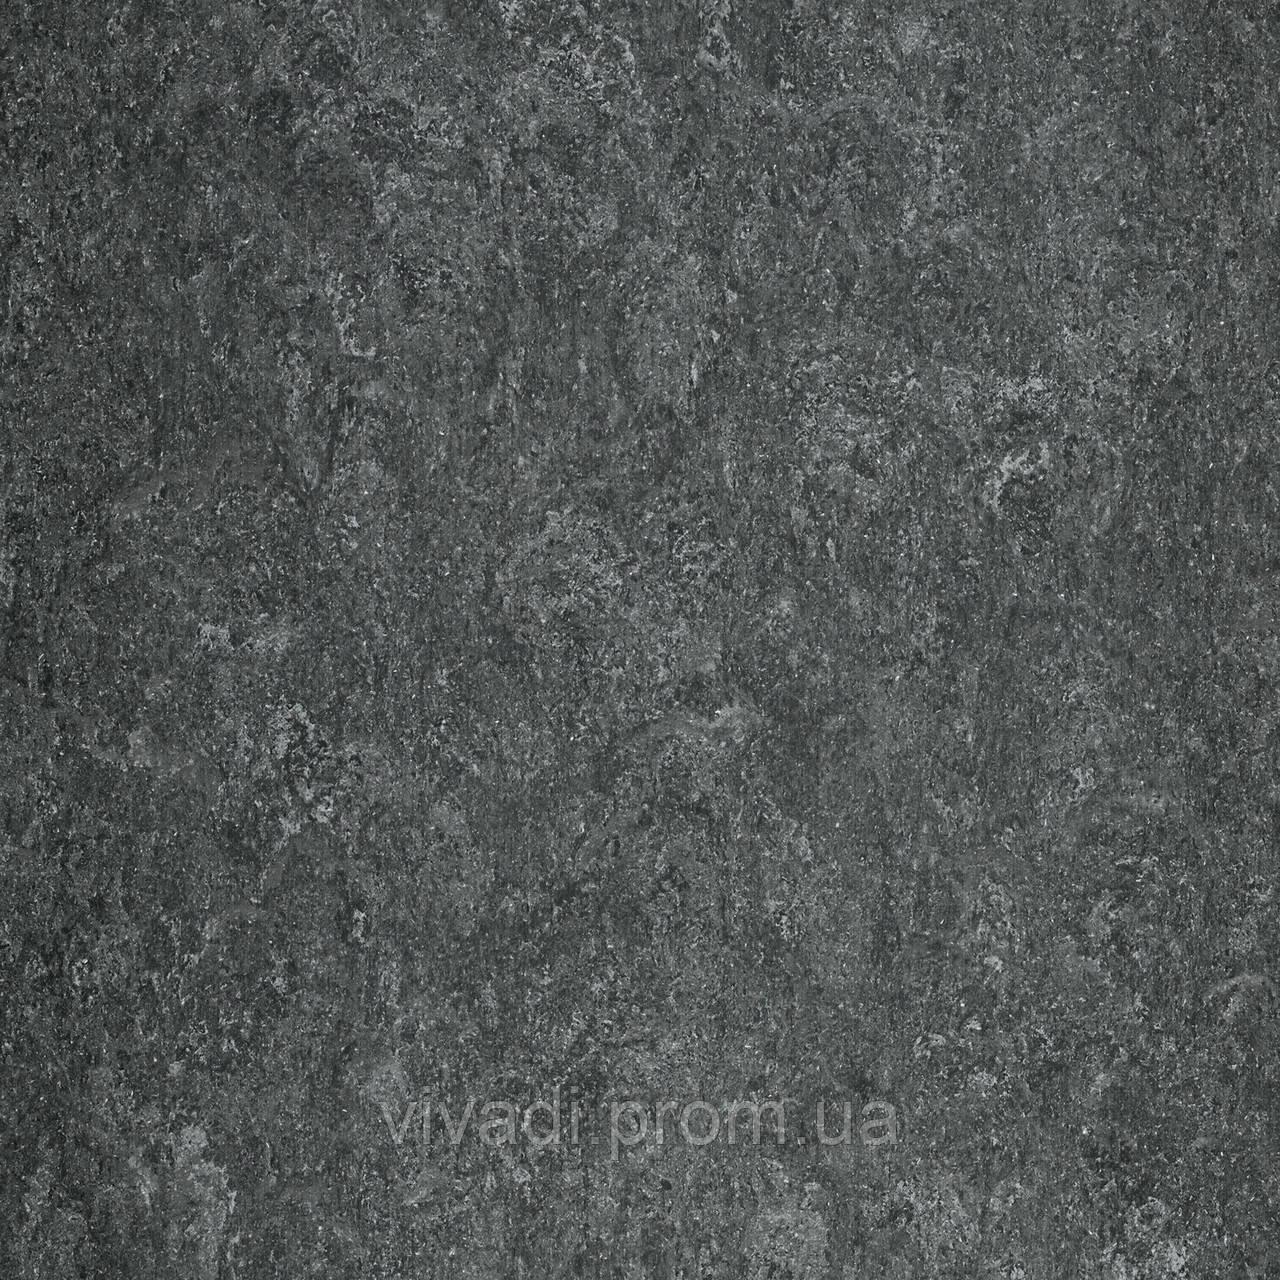 Натуральний лінолеум Marmorette PUR - колір 125-059